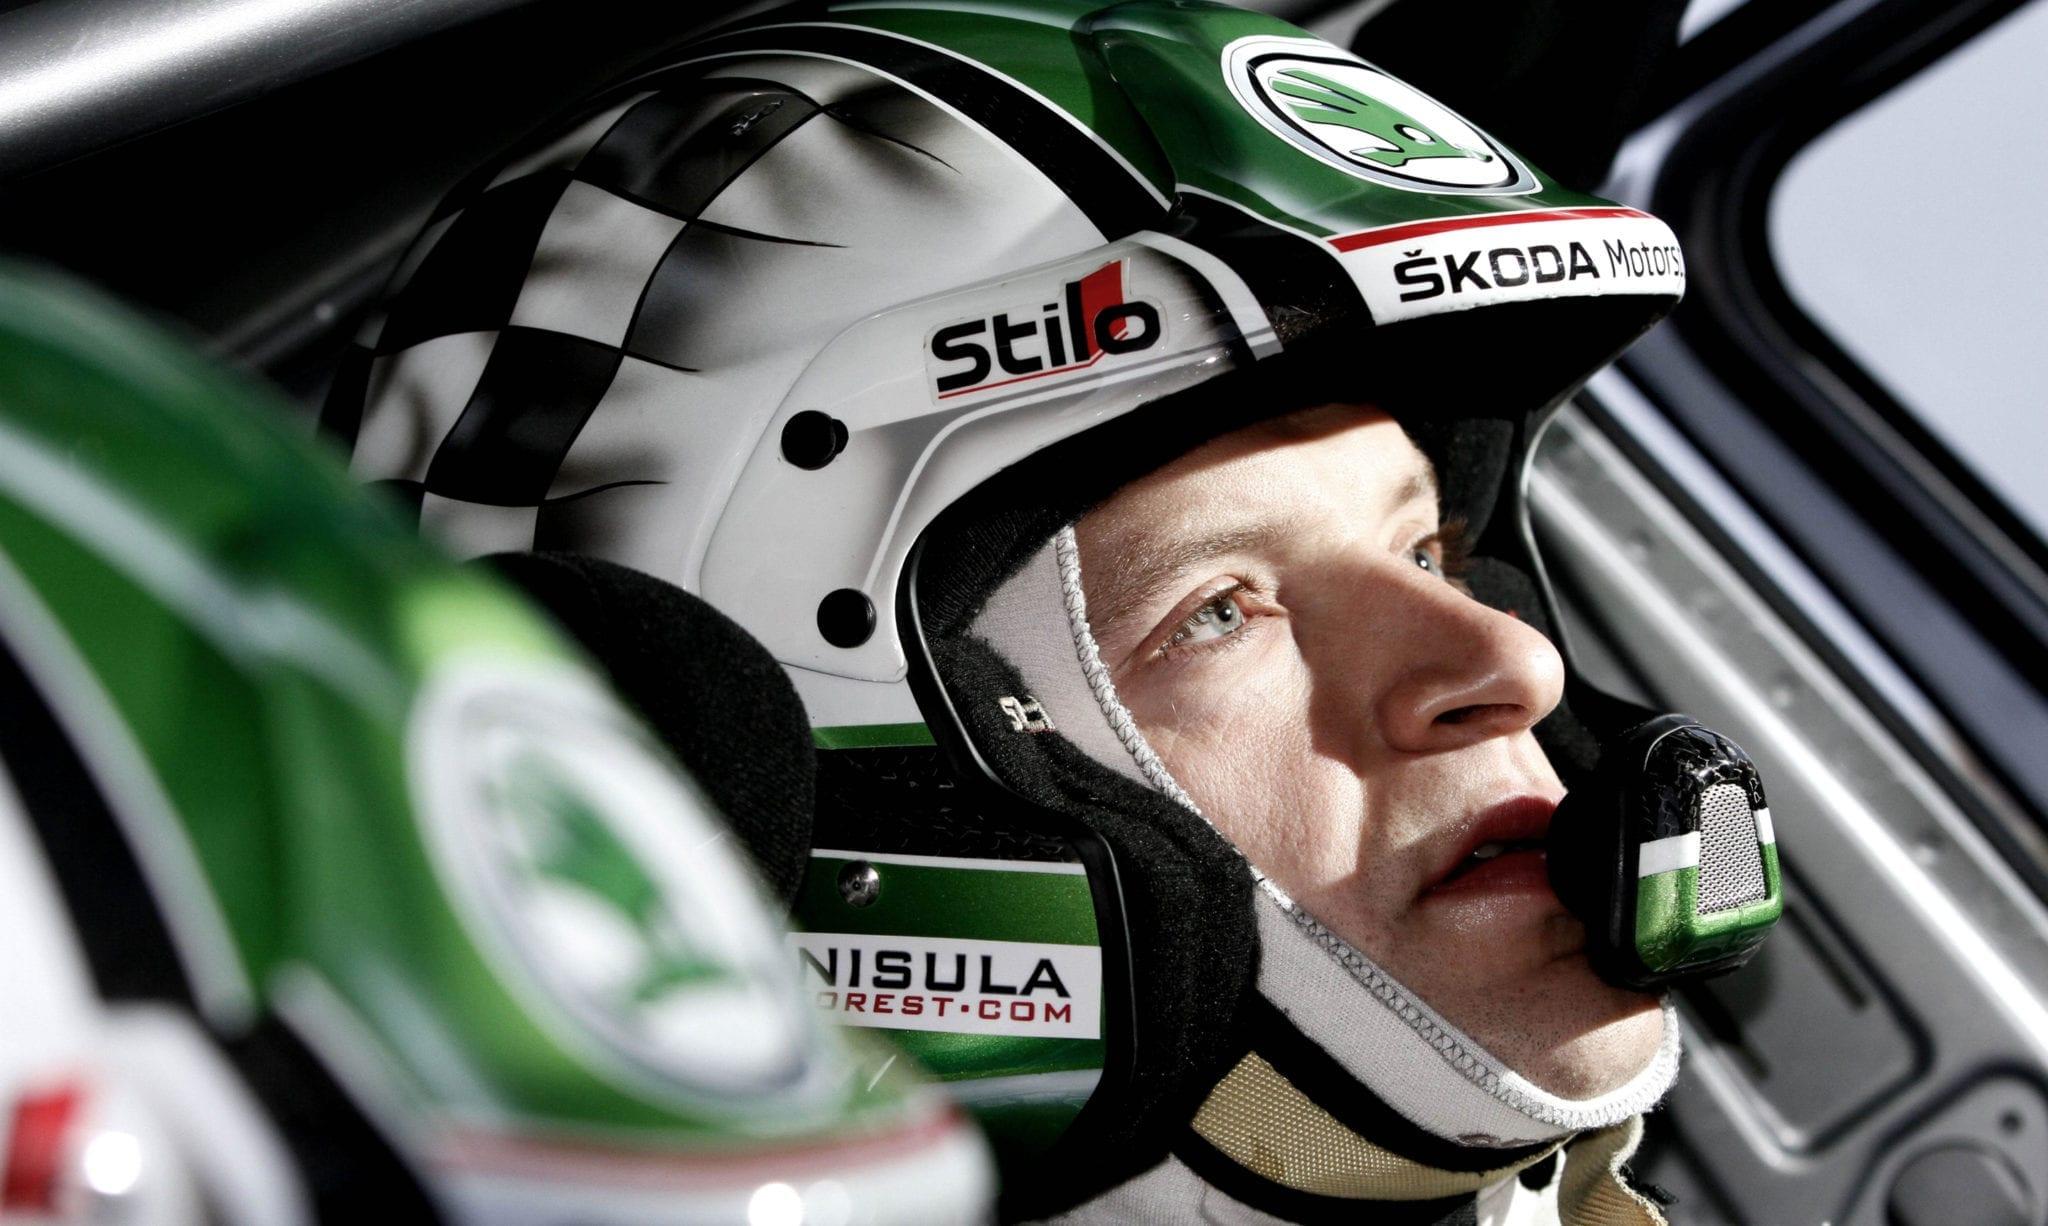 Skoda Motorsport Sponsoring auf Rennfahrer Helm